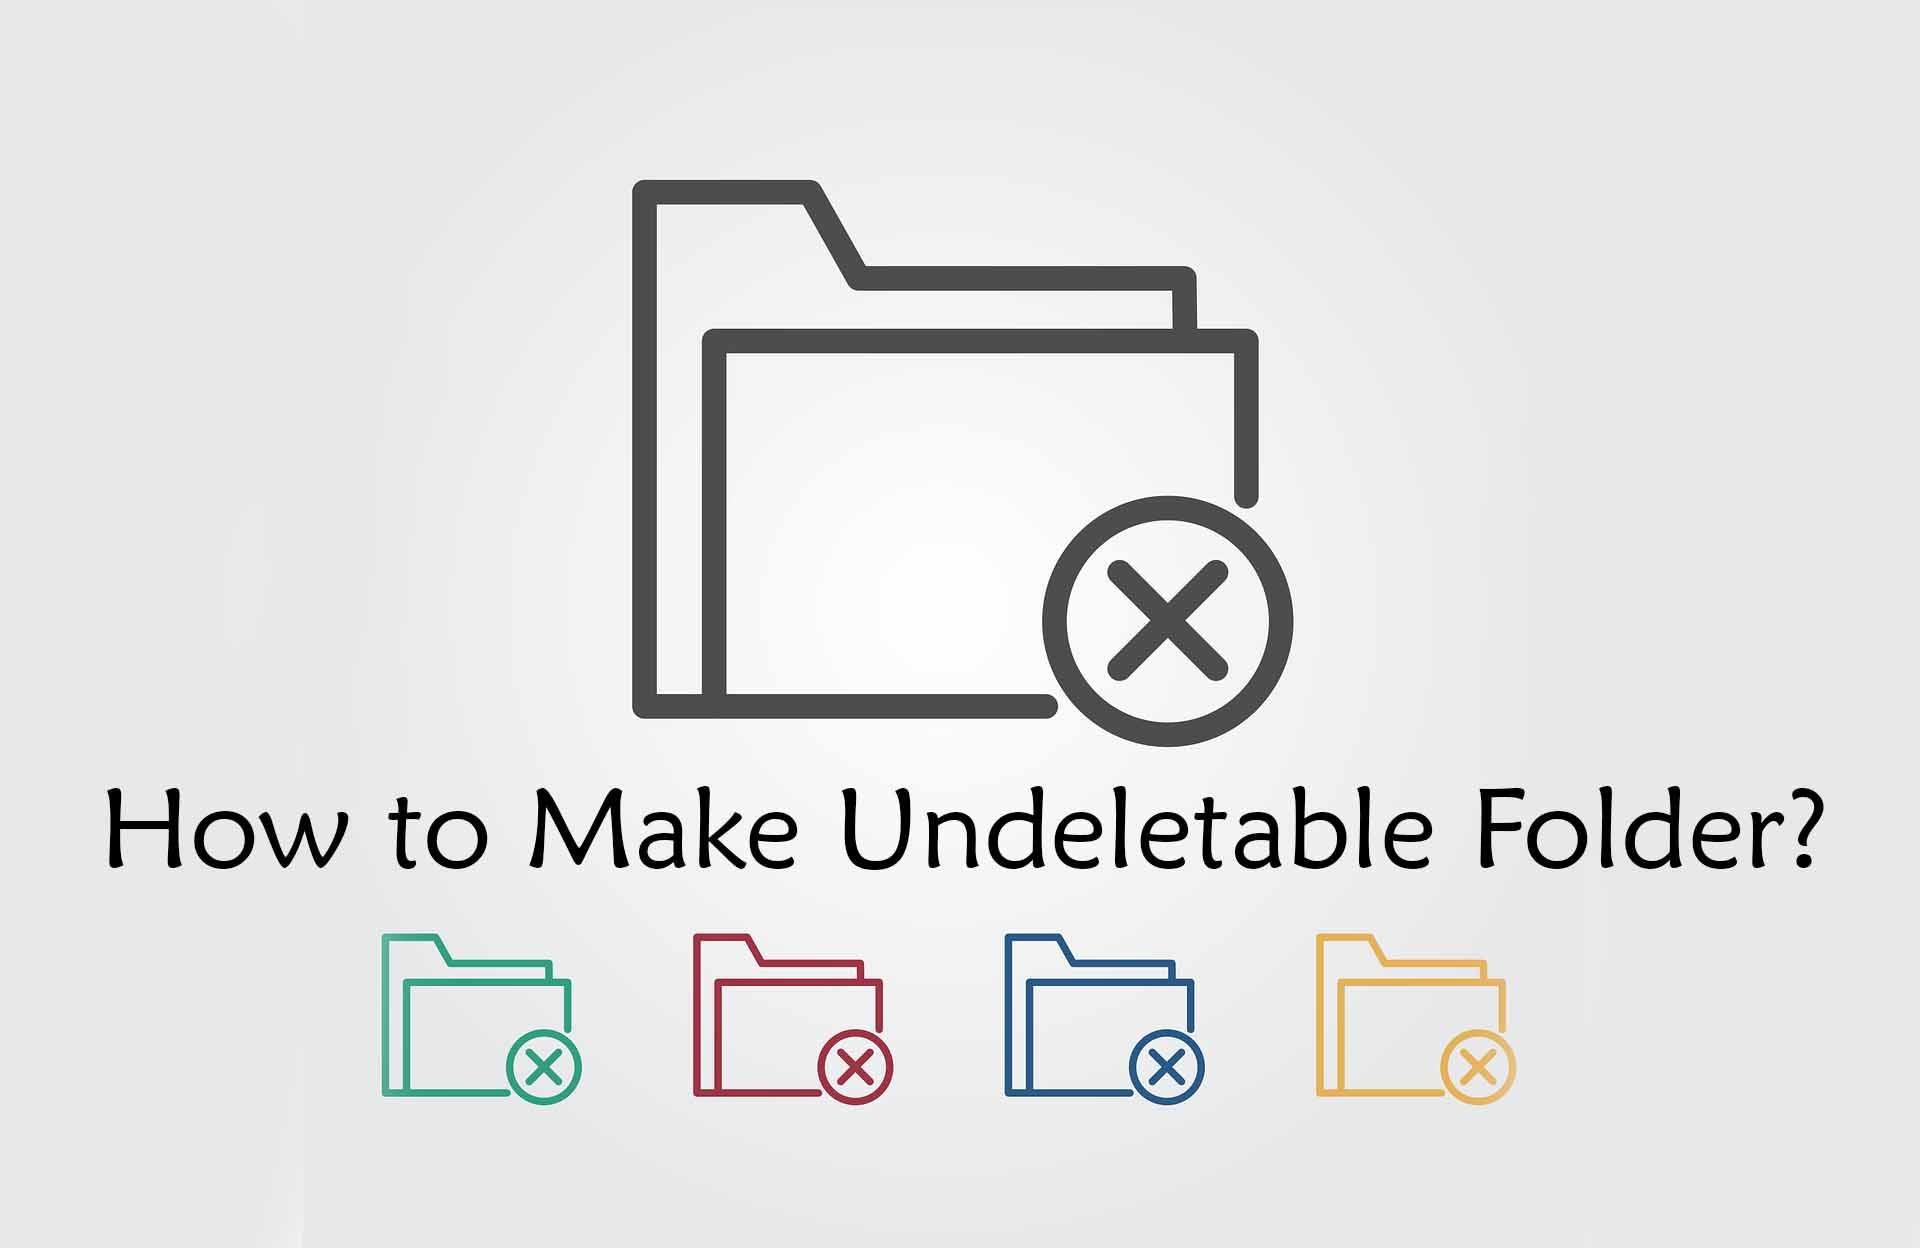 How to Make Undeletable Folder